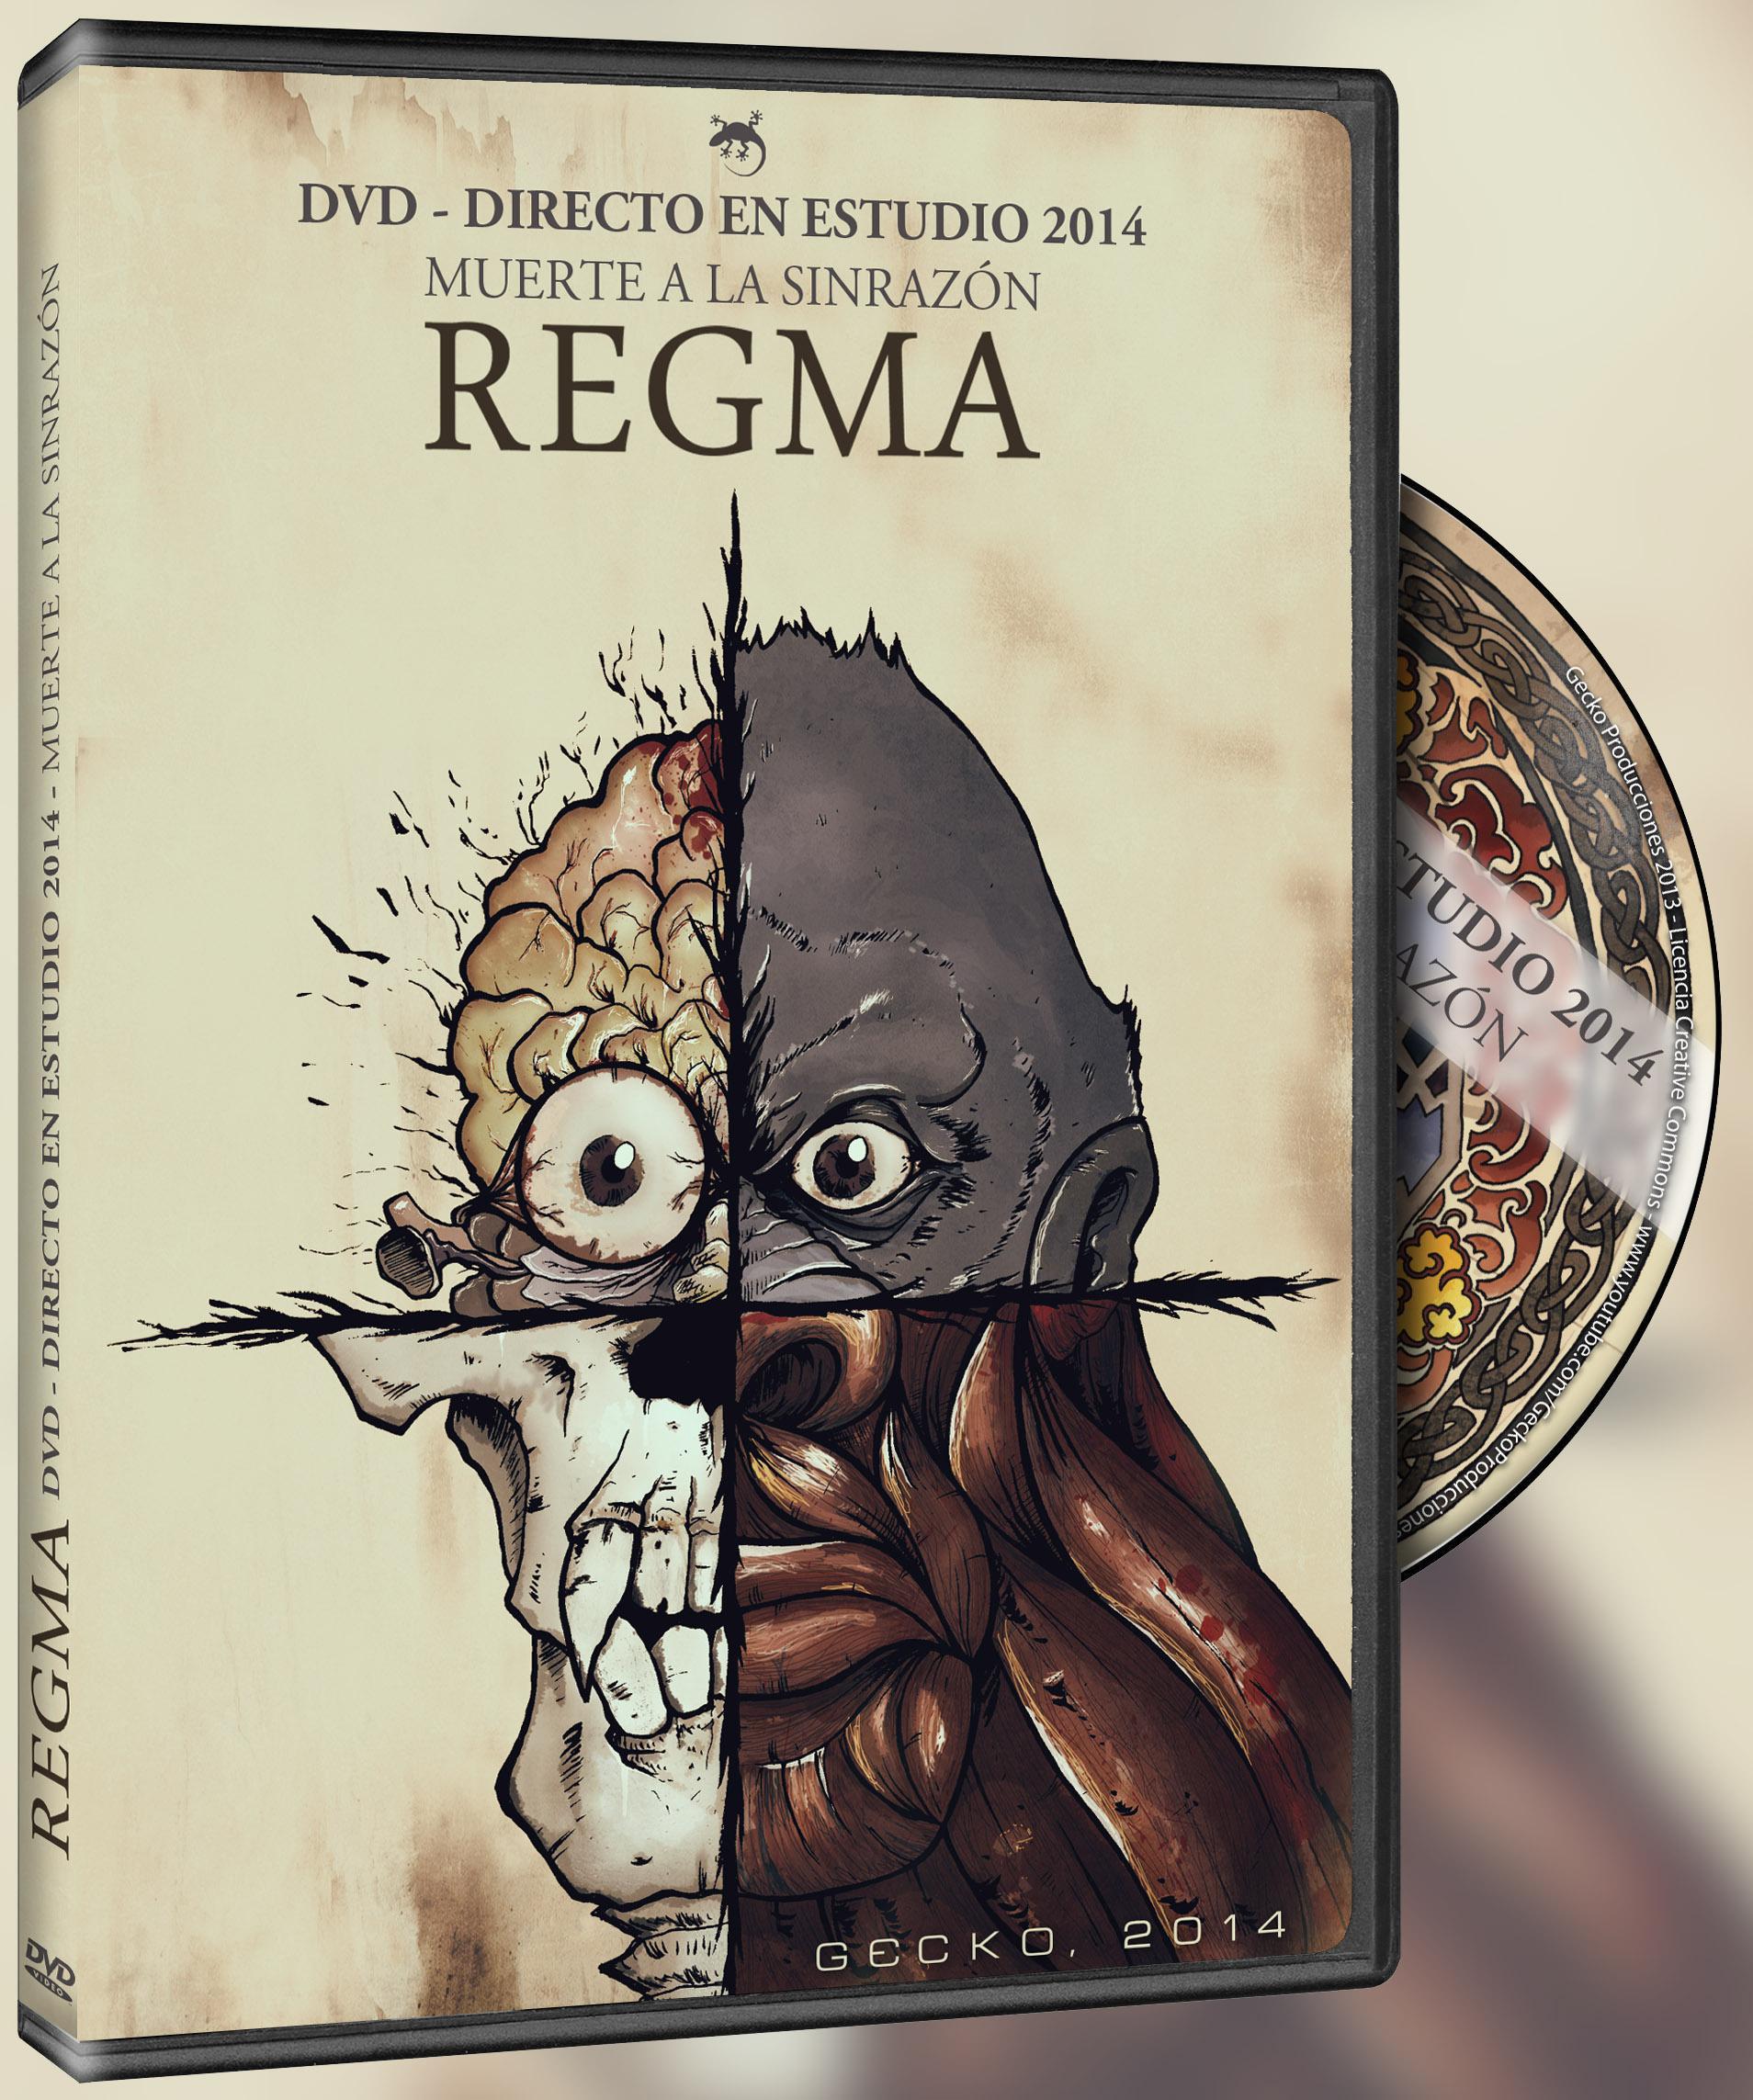 """REGMA PUBLICAN UN DVD """"DIRECTO EN ESTUDIO 2014"""""""